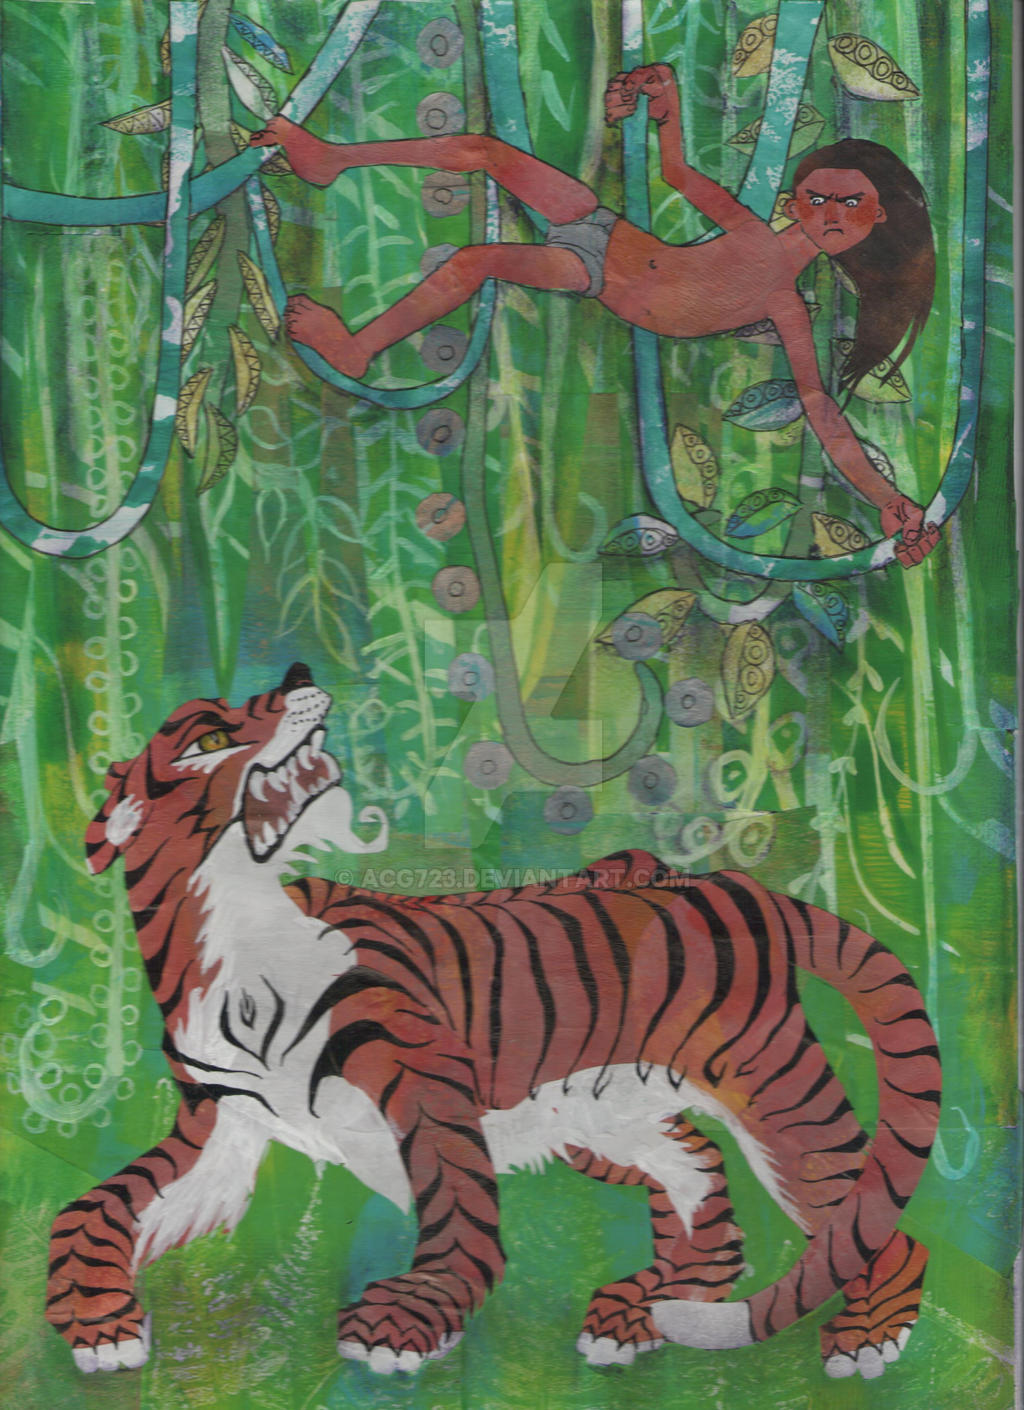 Mowgli and Shere Khan